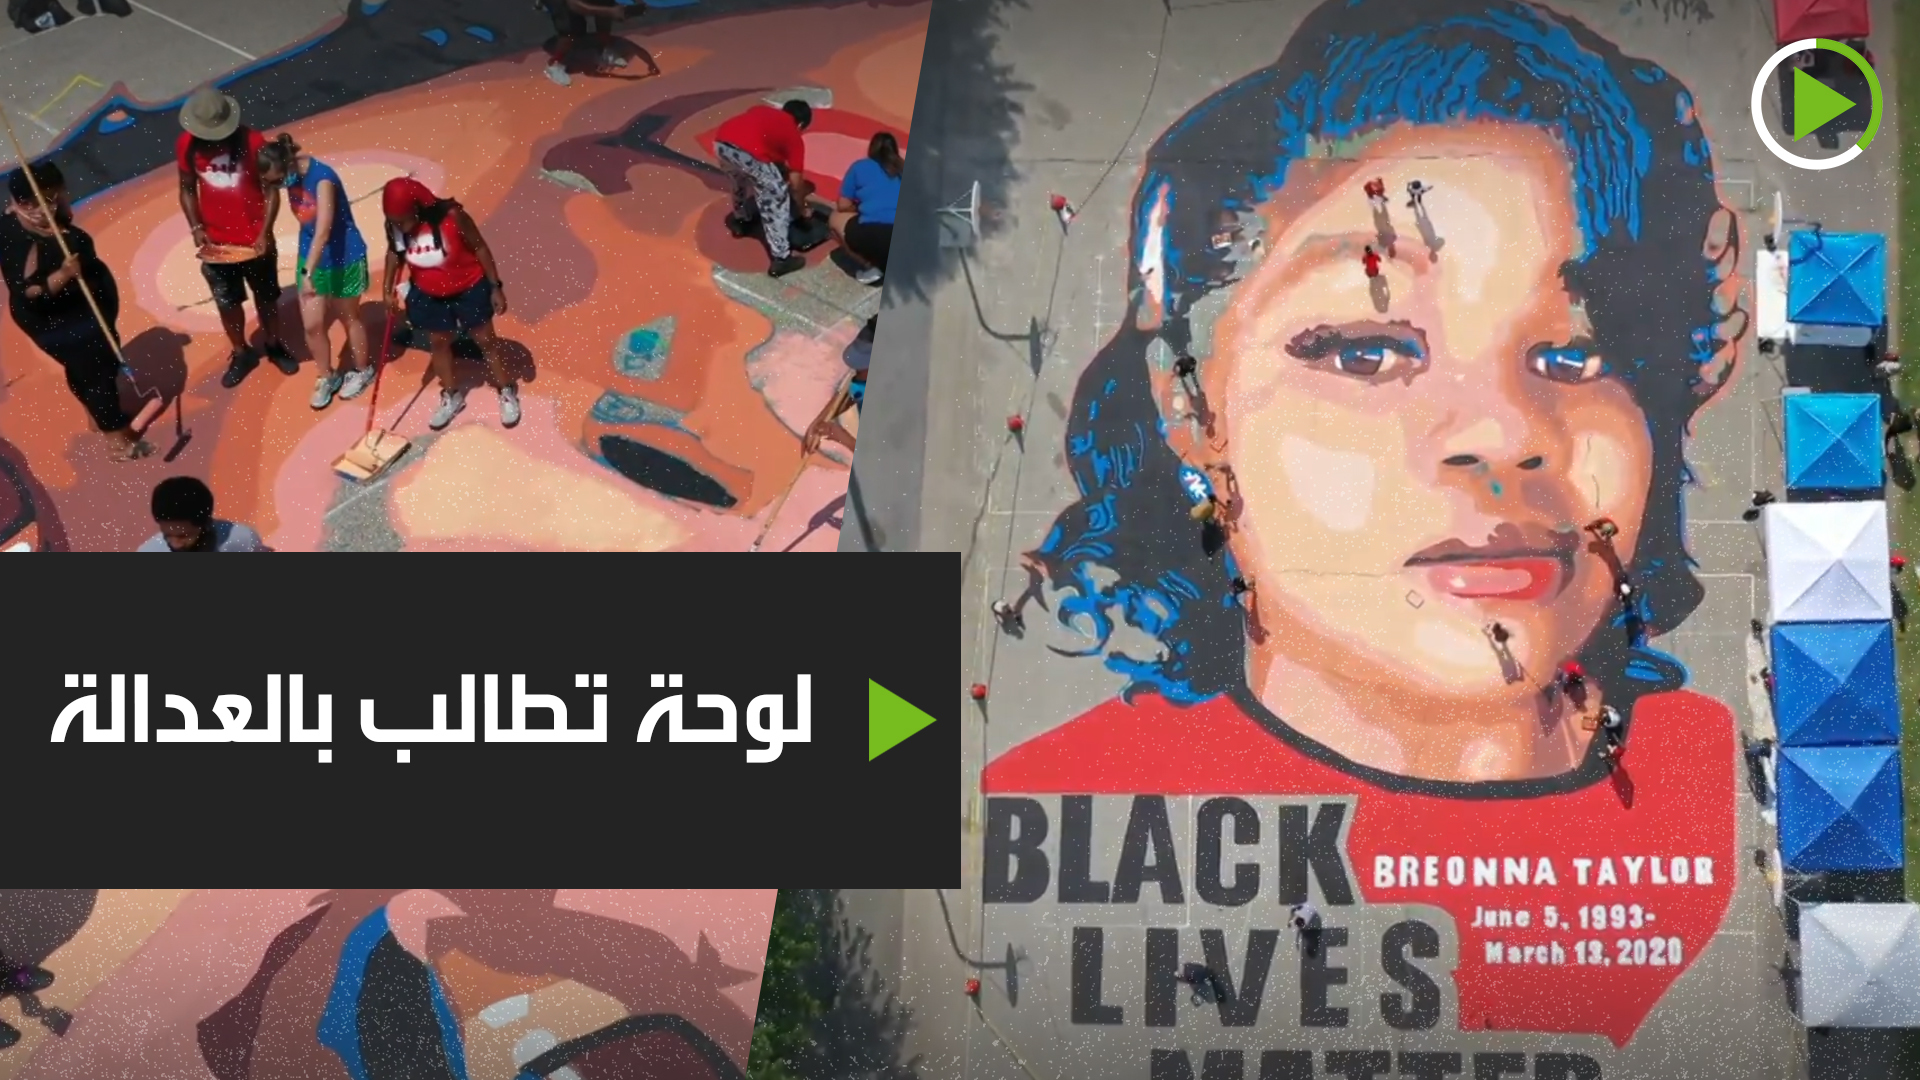 لوحة عملاقة تطالب بالعدالة لبريونا تايلور